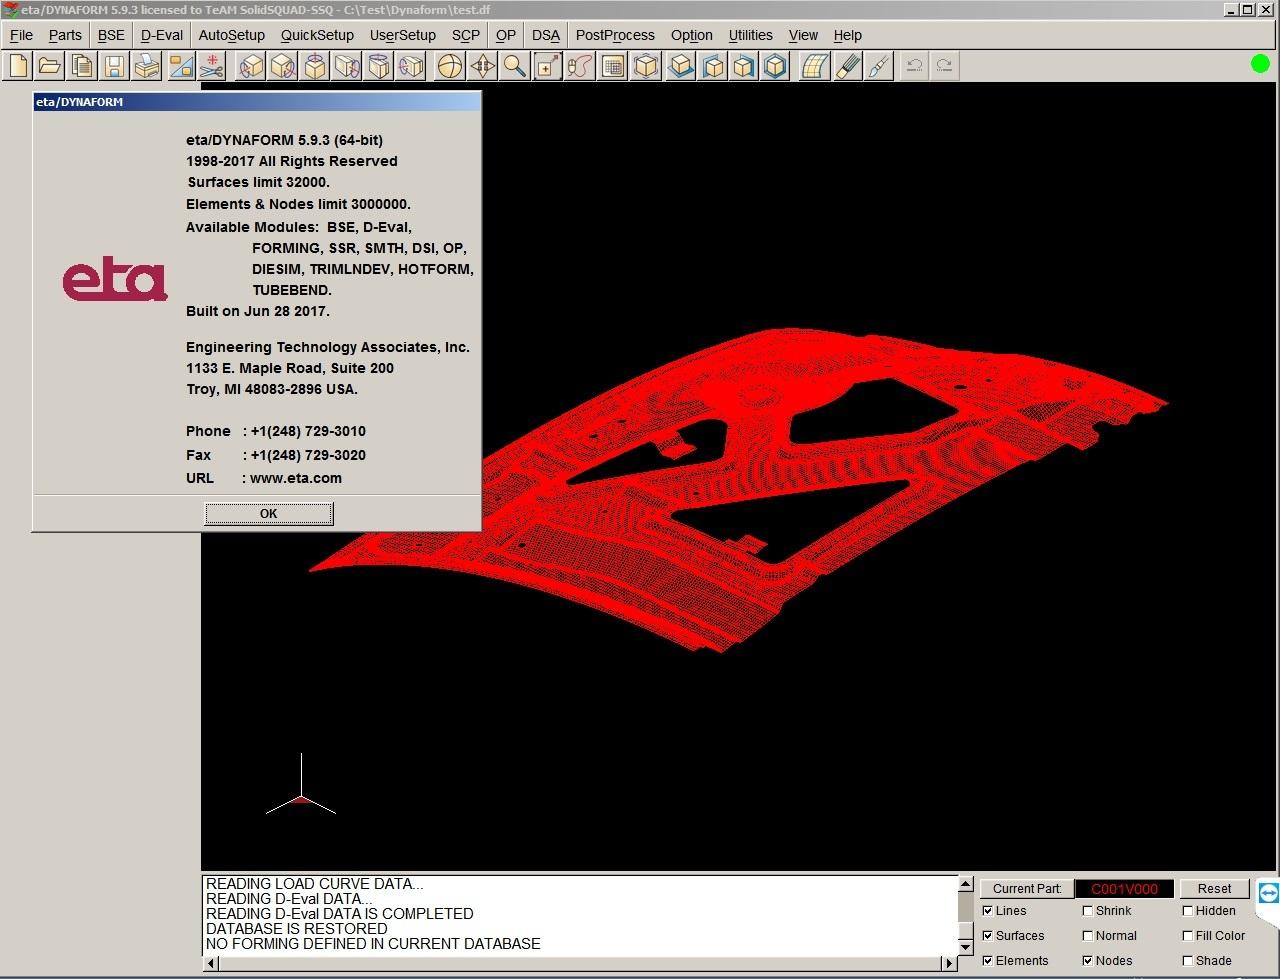 Working with ETA Dynaform 5.9.3 full license